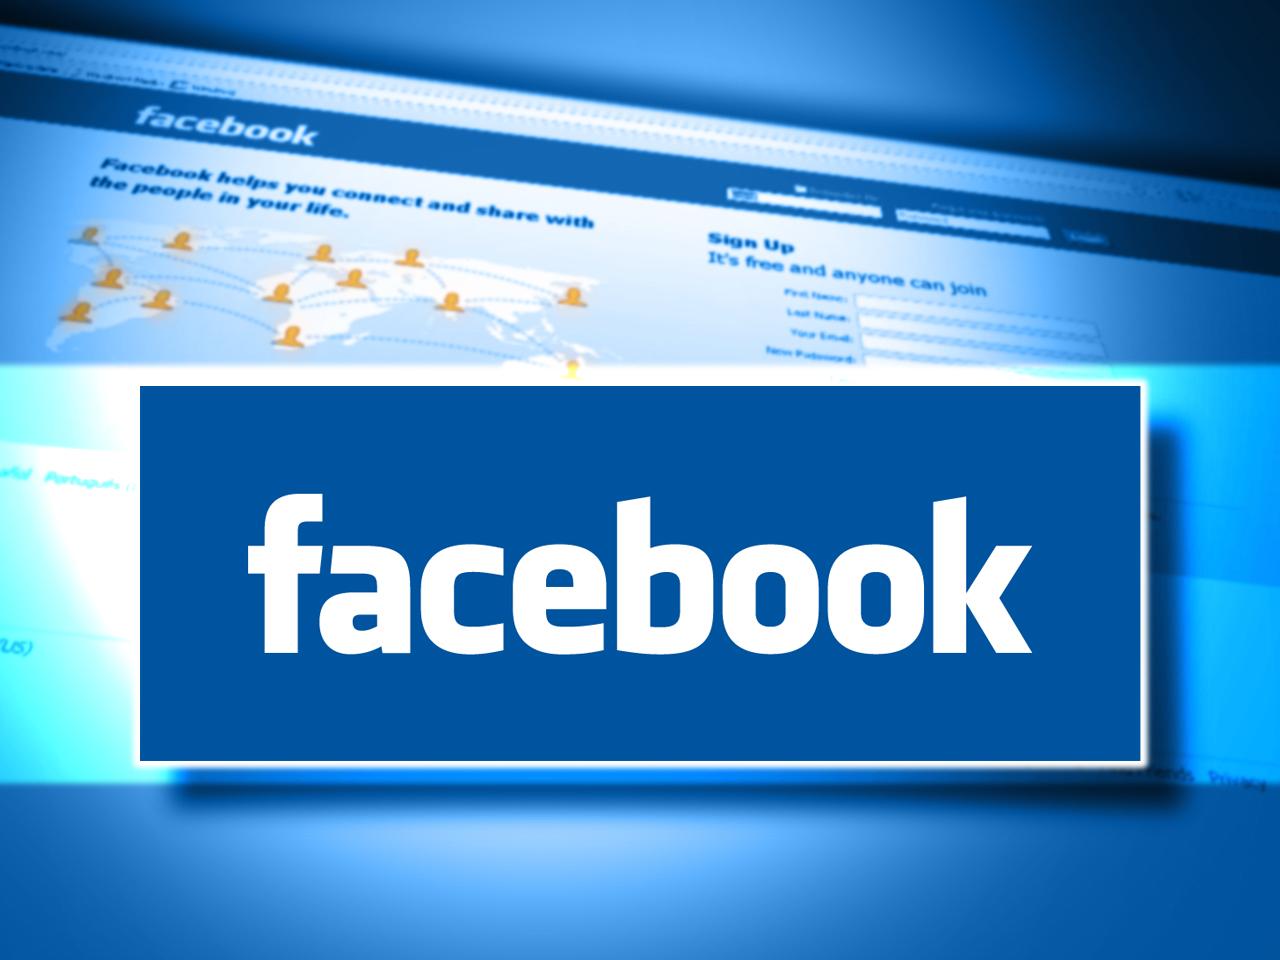 لماذا لا يجب أن تحتفظ بأكثر من 354 صديقًا على الفيسبوك